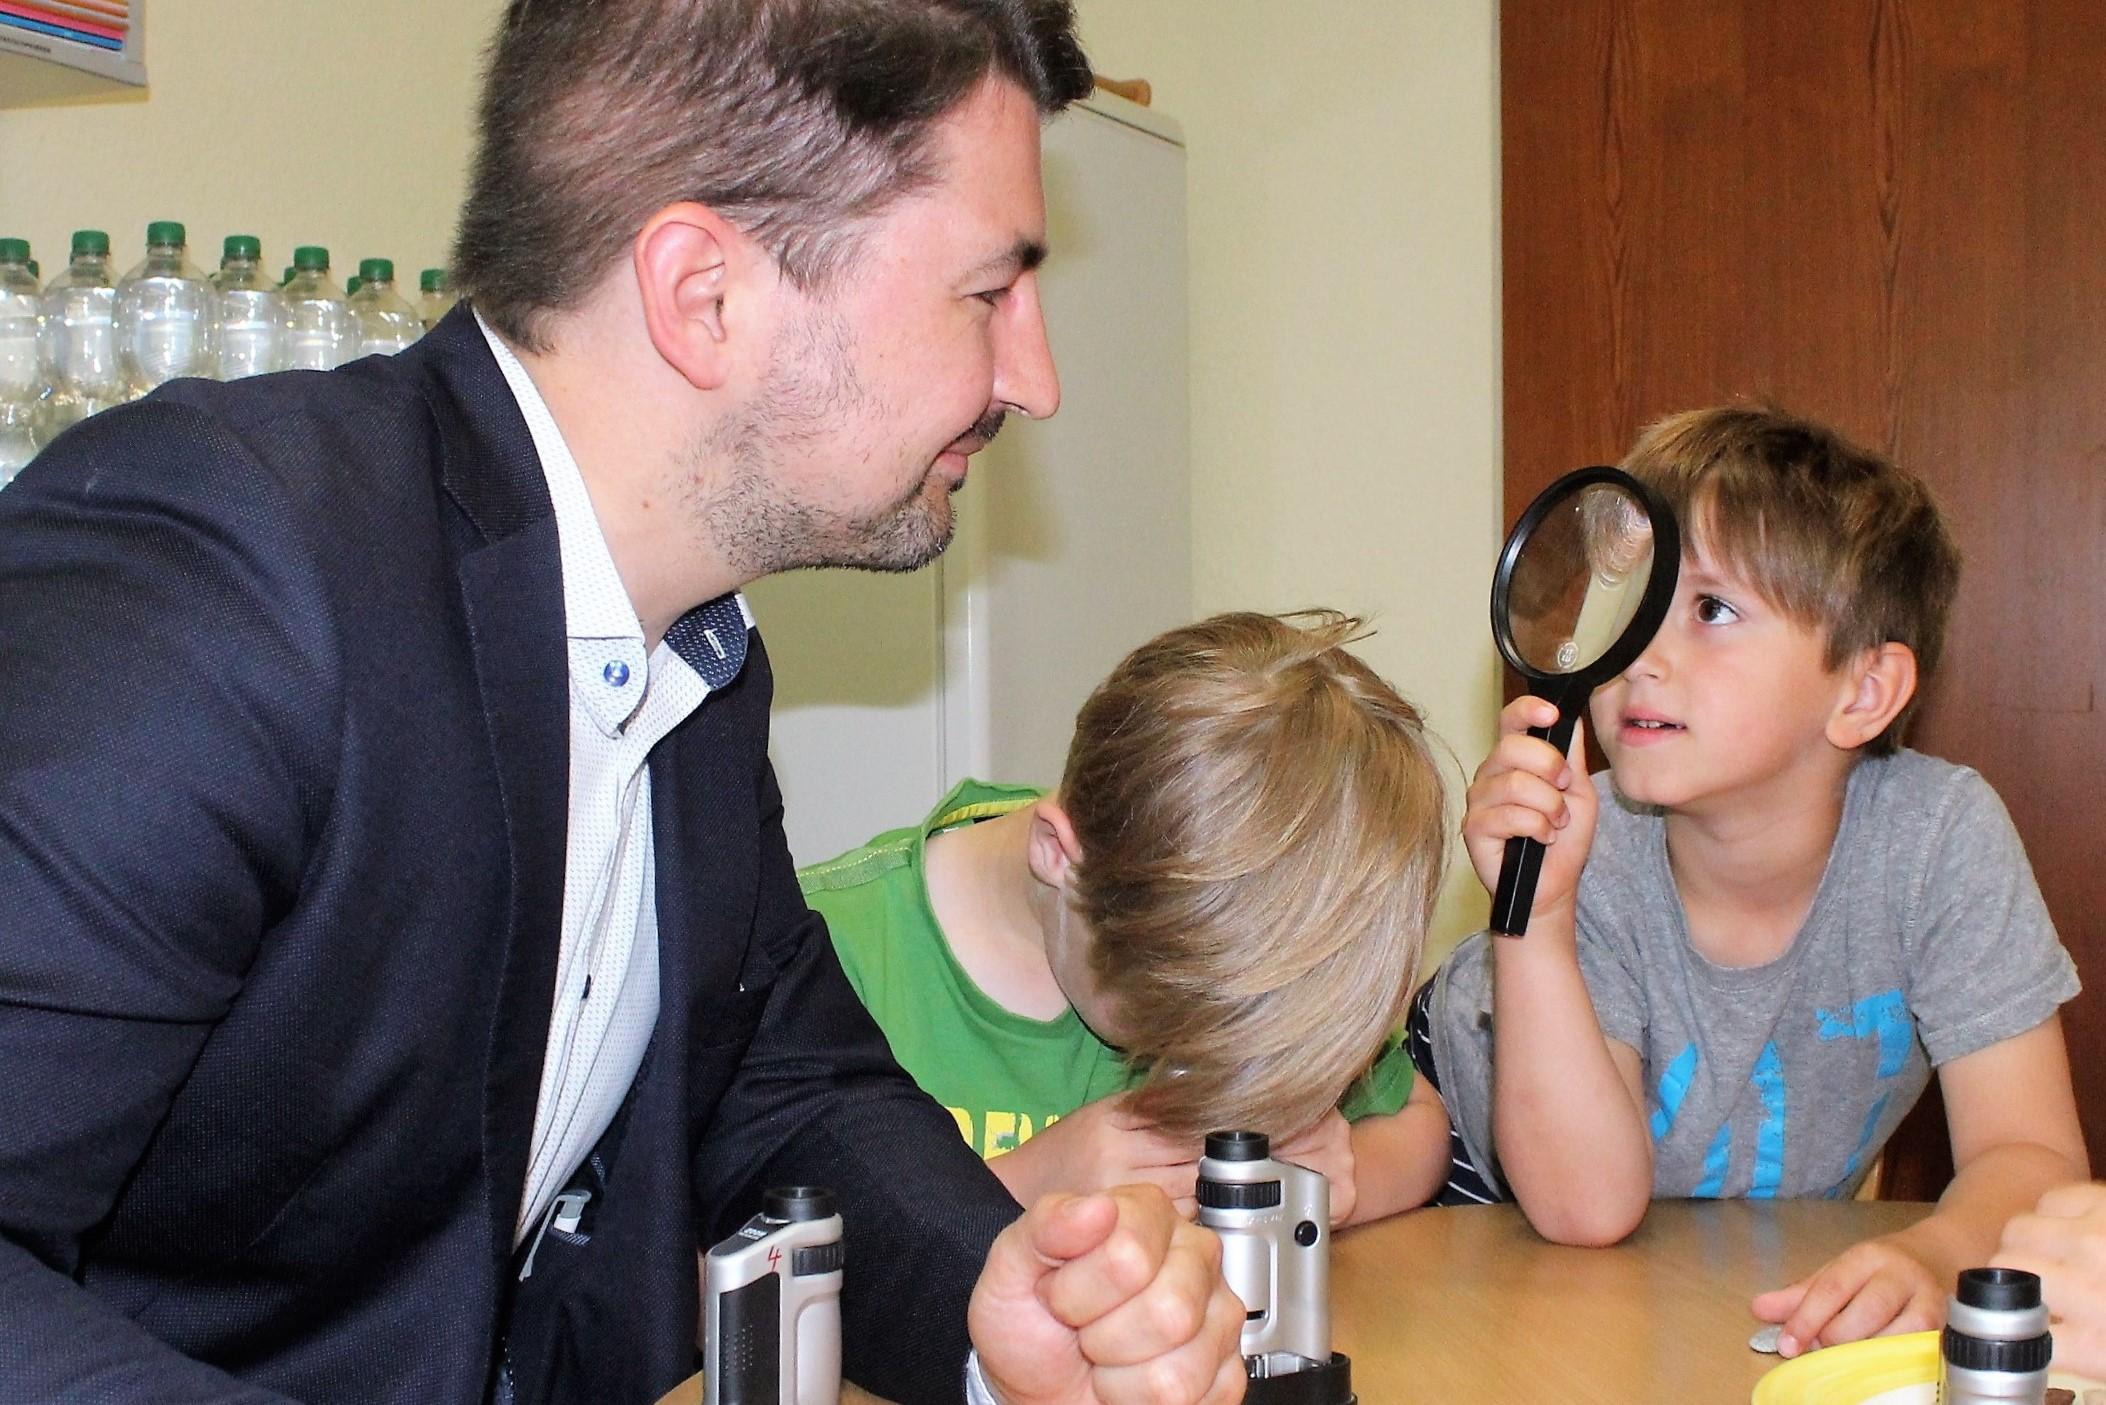 Tag der kleinen forscher 2018 u2013 christian sauter mdb besucht